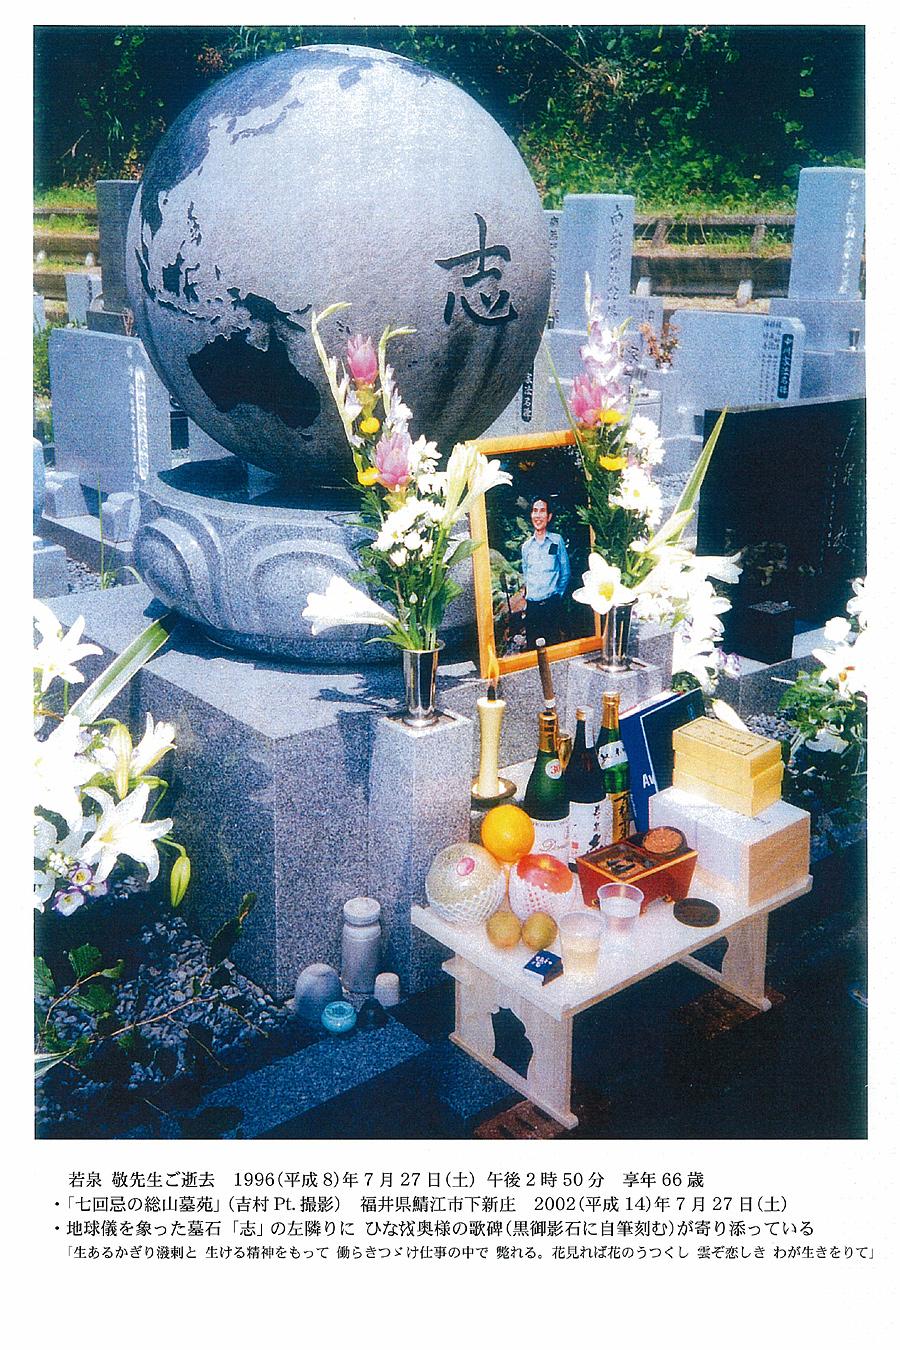 若泉 敬先生ご逝去 1996(平成8)年7月27日(土)午後2時50分 享年66歳